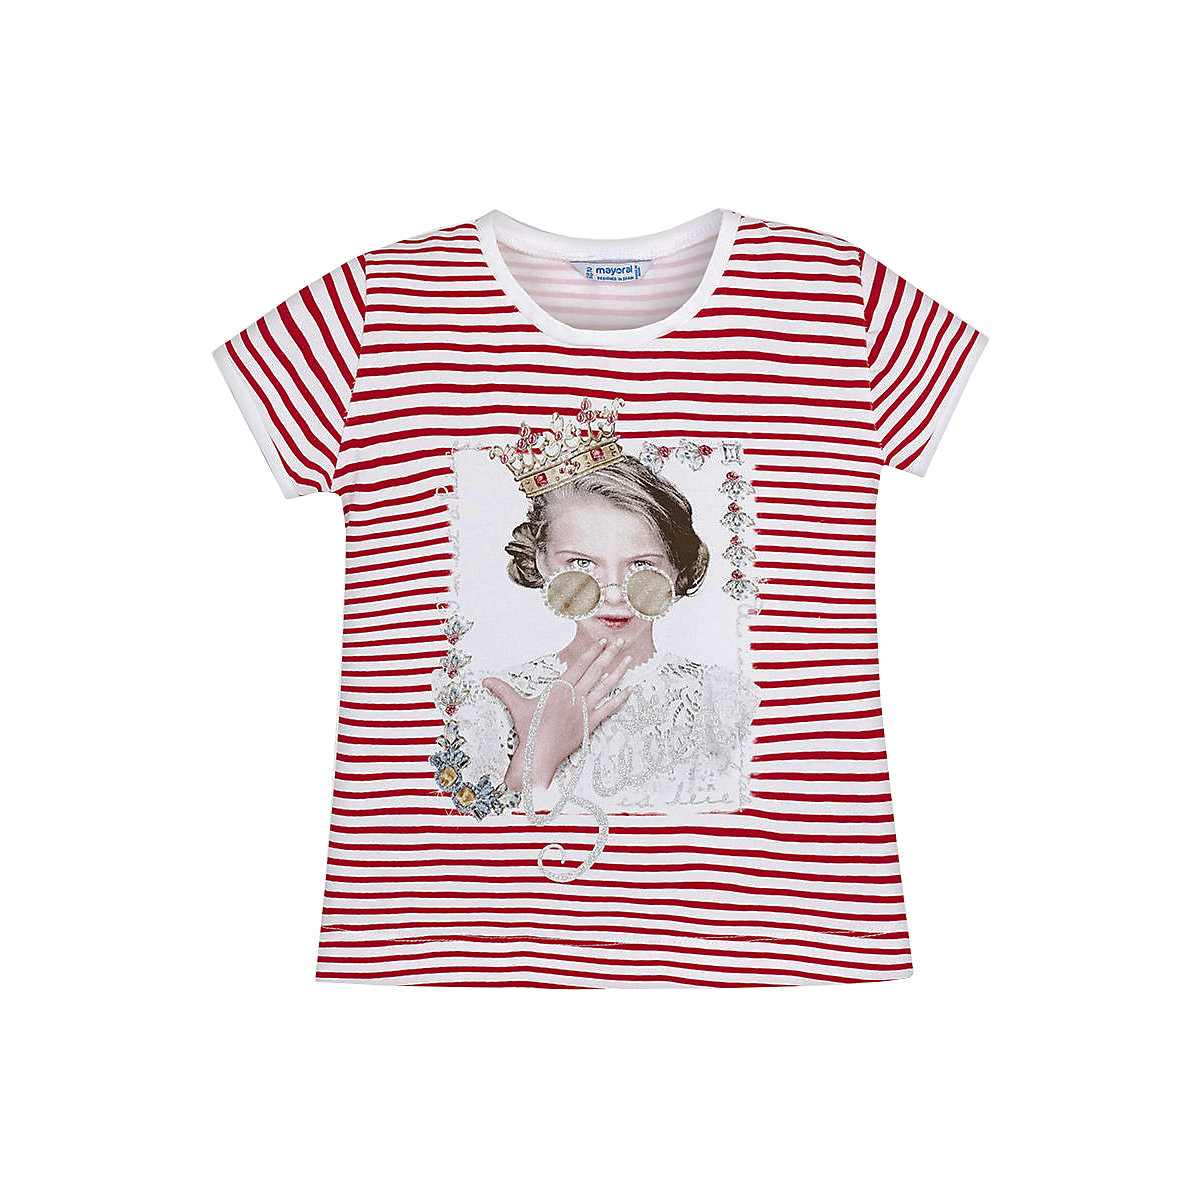 T Shirts BÜRGERMEISTER 10678730 Kinder sClothing T shirt mit kurzen ärmeln polo shirt für jungen und mädchen